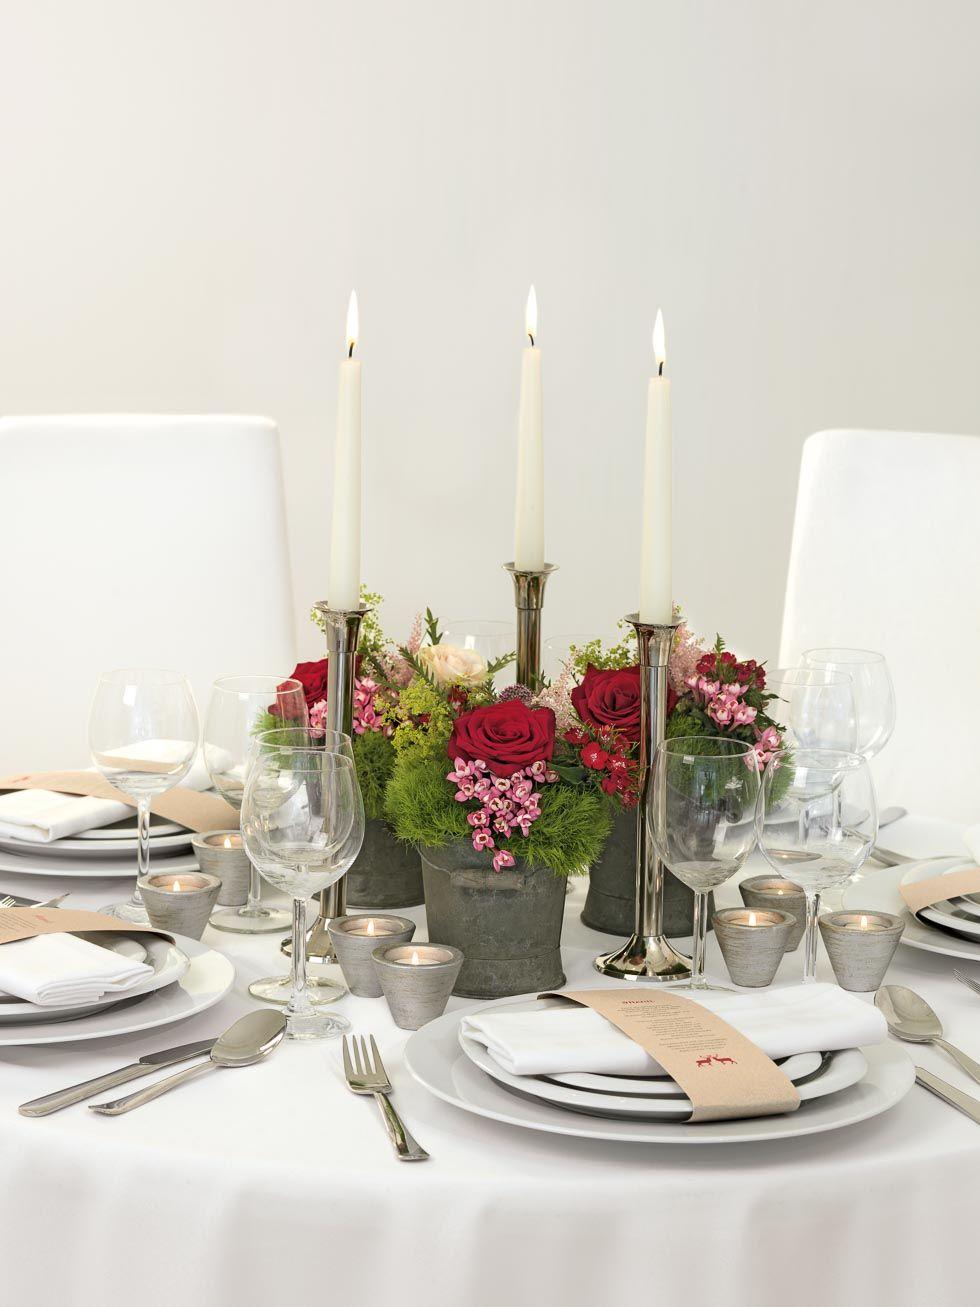 Rustikal Moderne Tischdekoration In Den Bergen Deko Farbe Rot